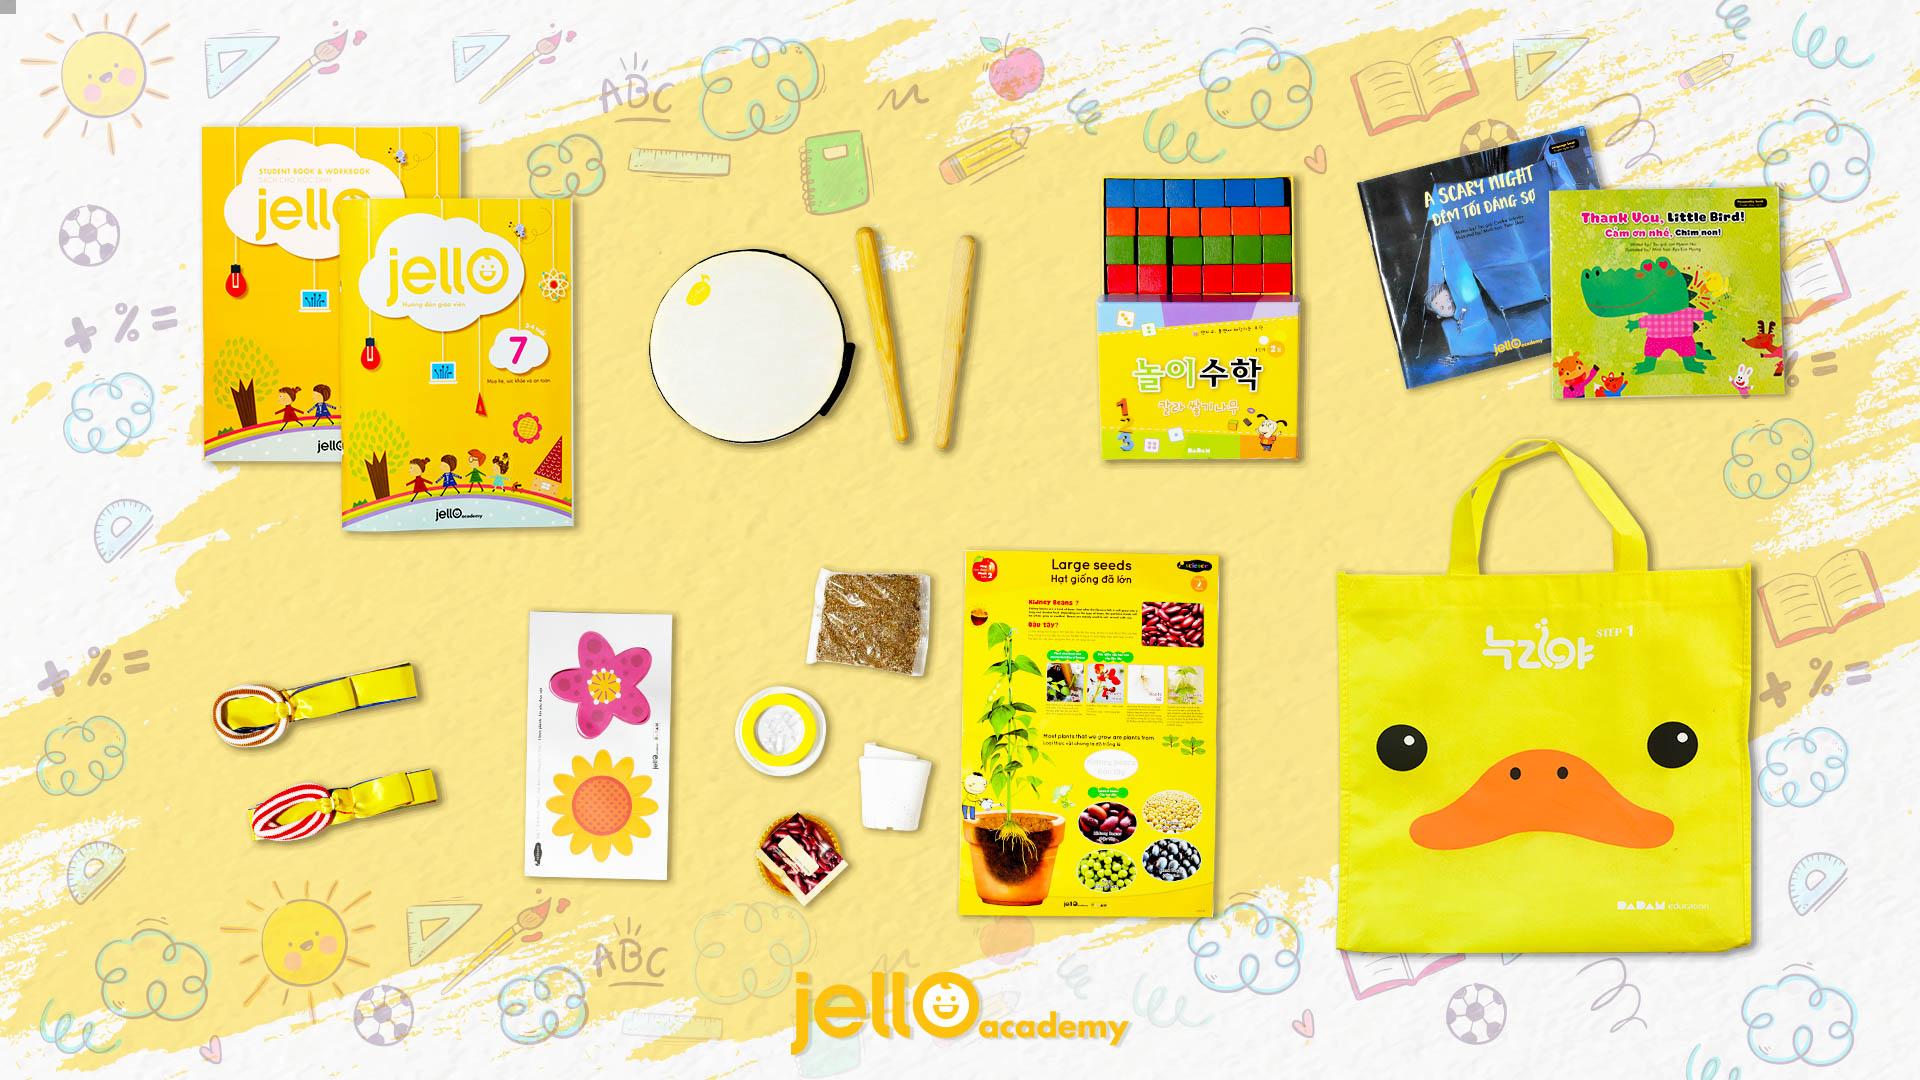 Bộ học cụ Jello - 3 tuổi - Tháng 7